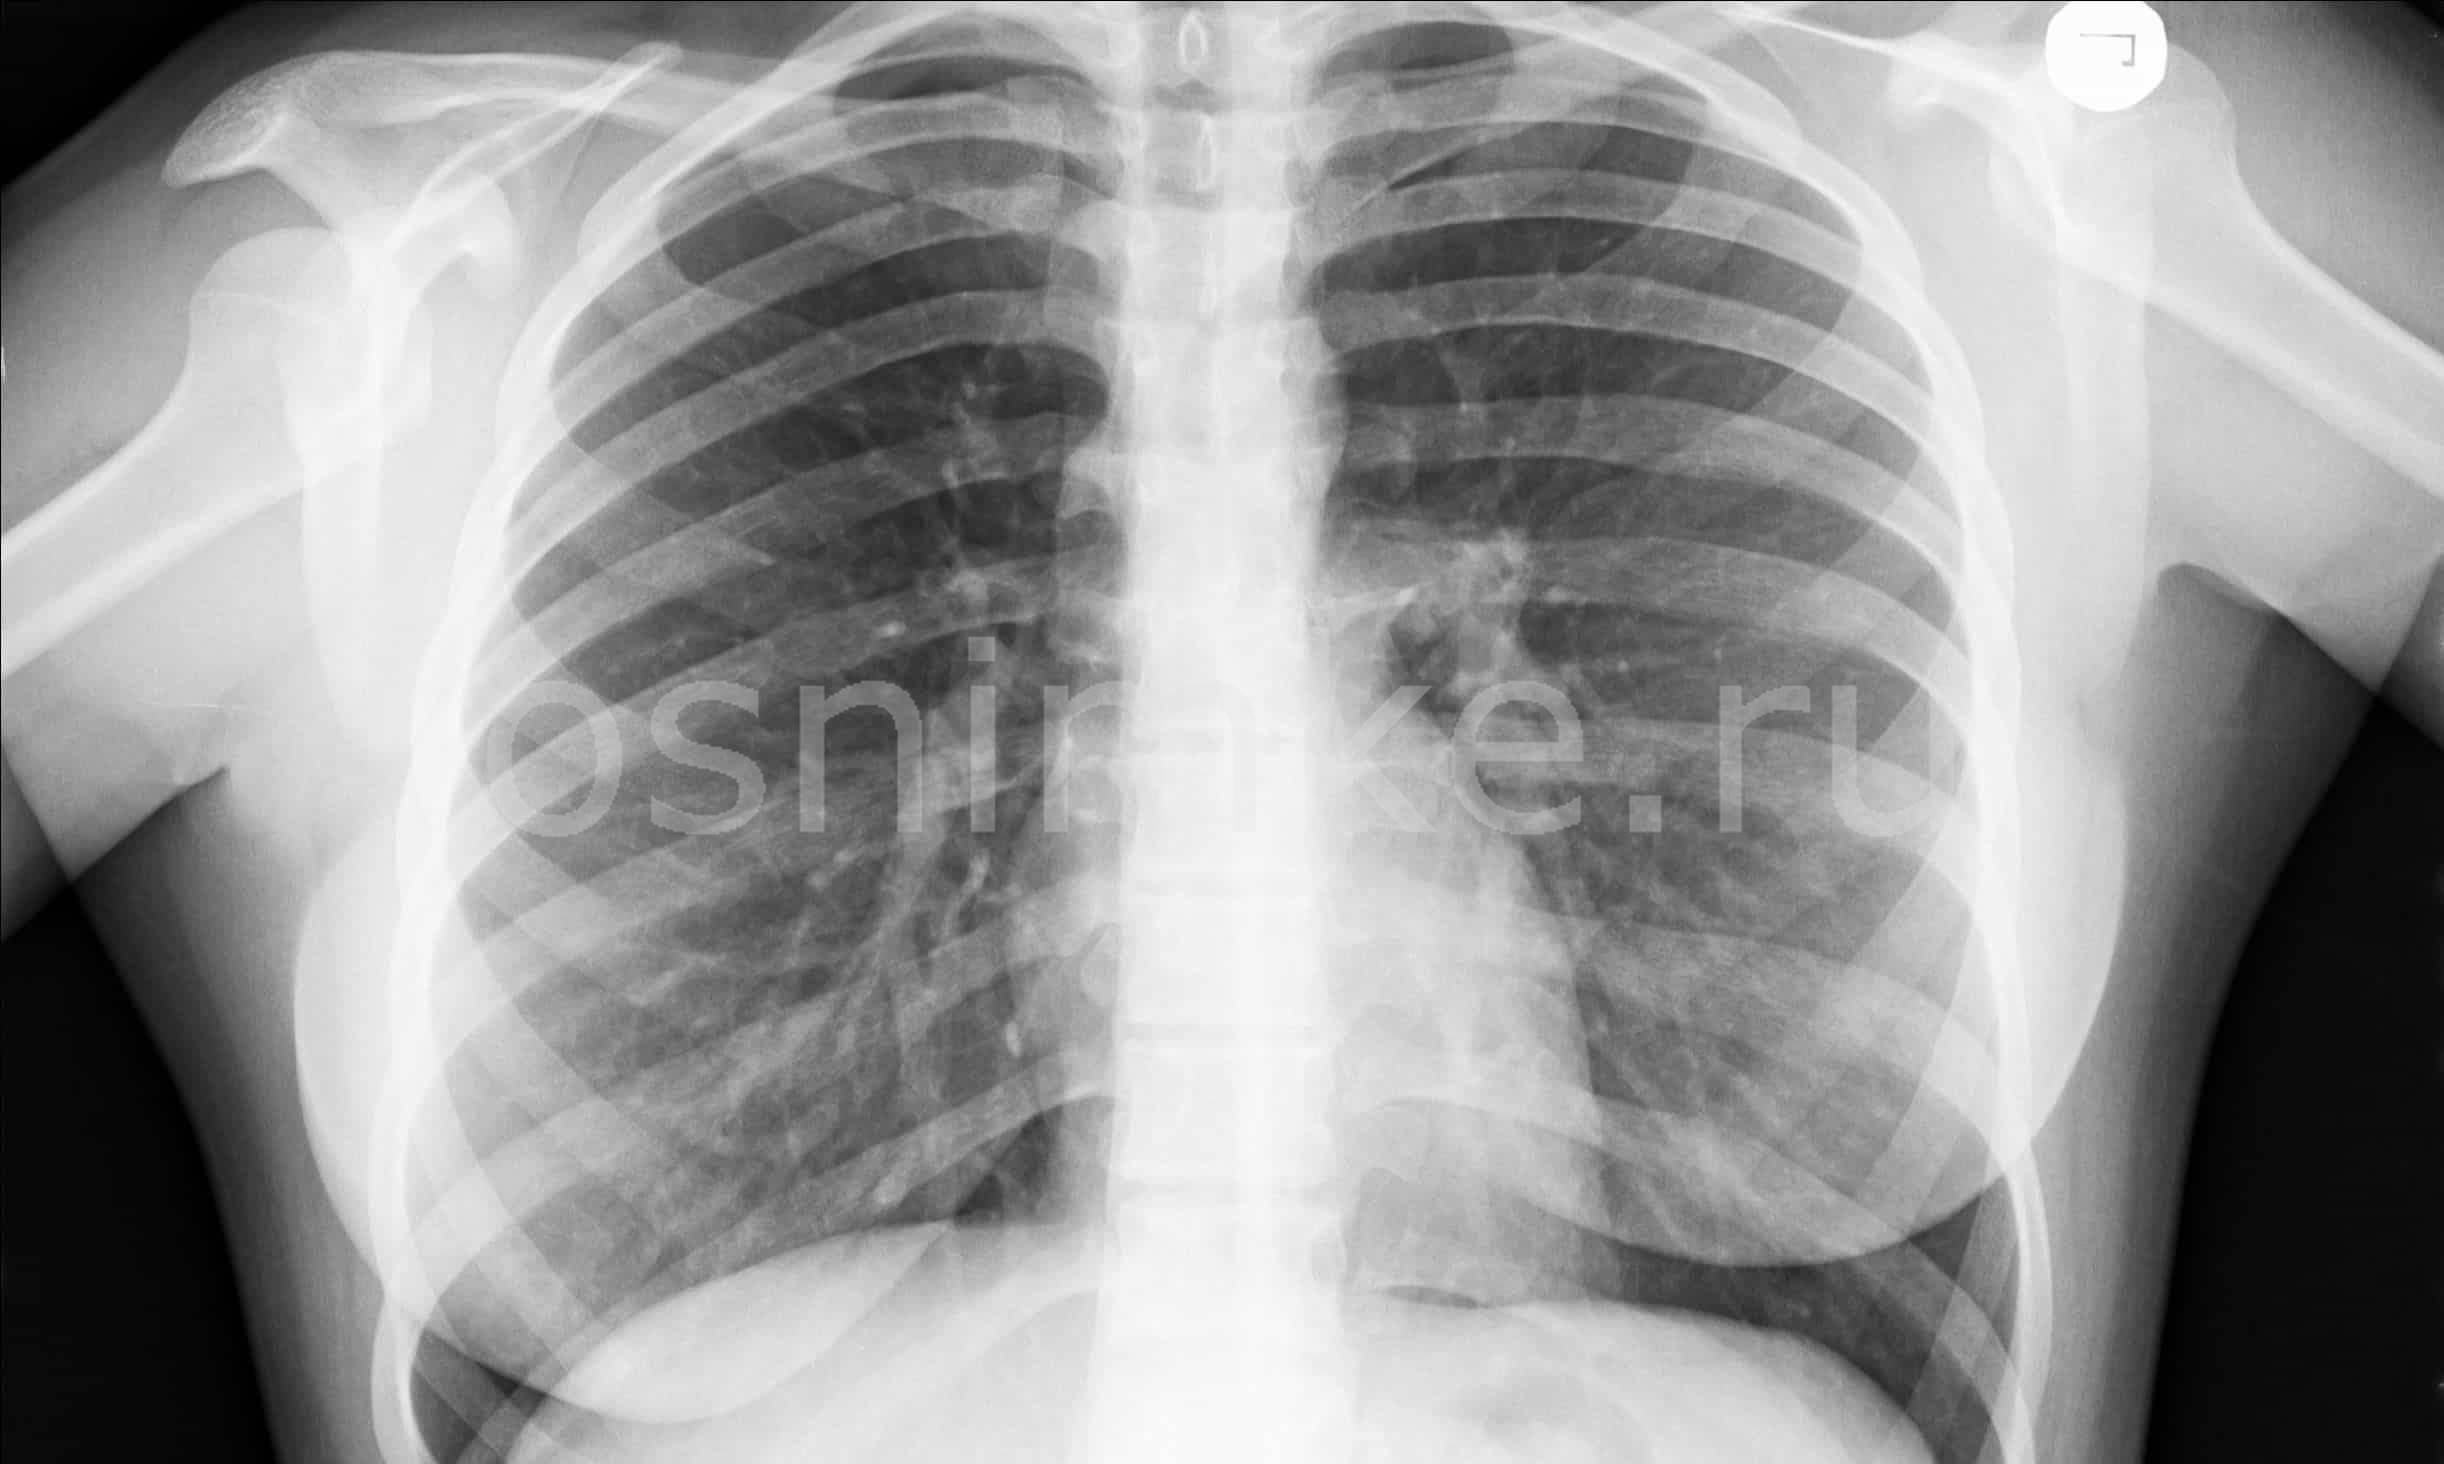 Опасен ли рентген при грудном вскармливании (гв) для кормящей женщины и малыша